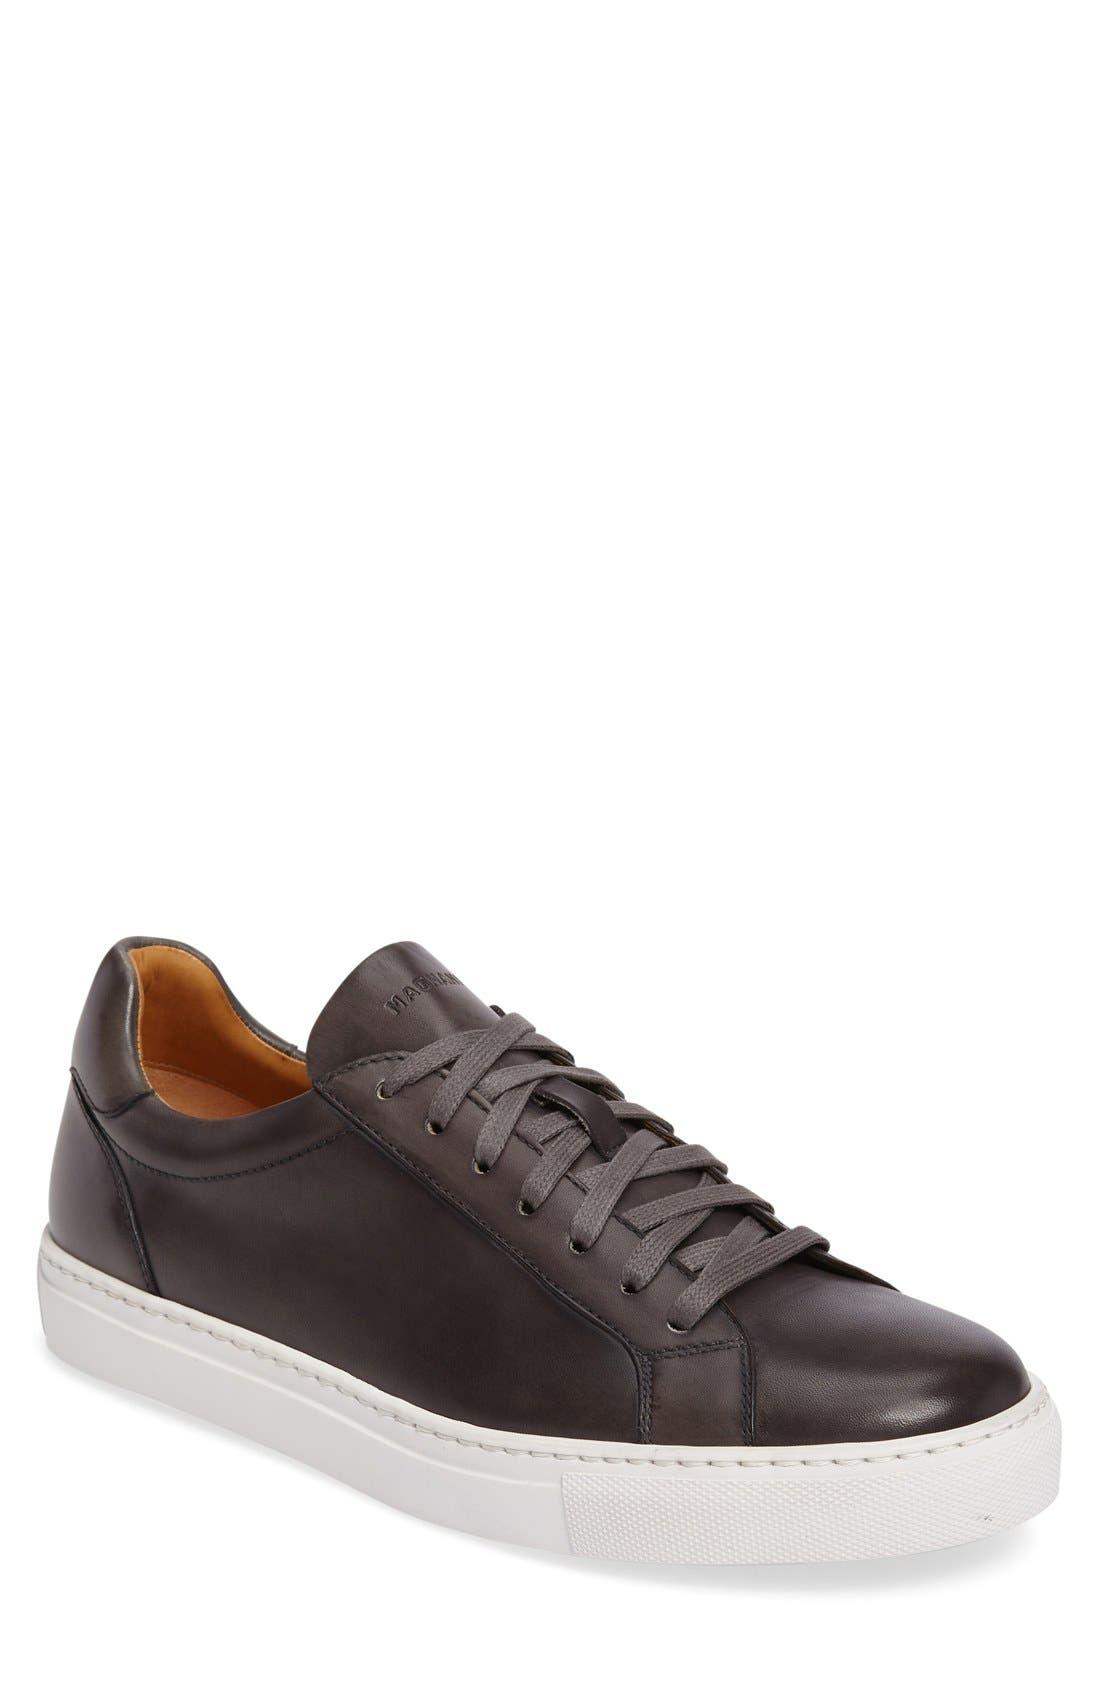 Magnanni Fede Sneaker (Men)